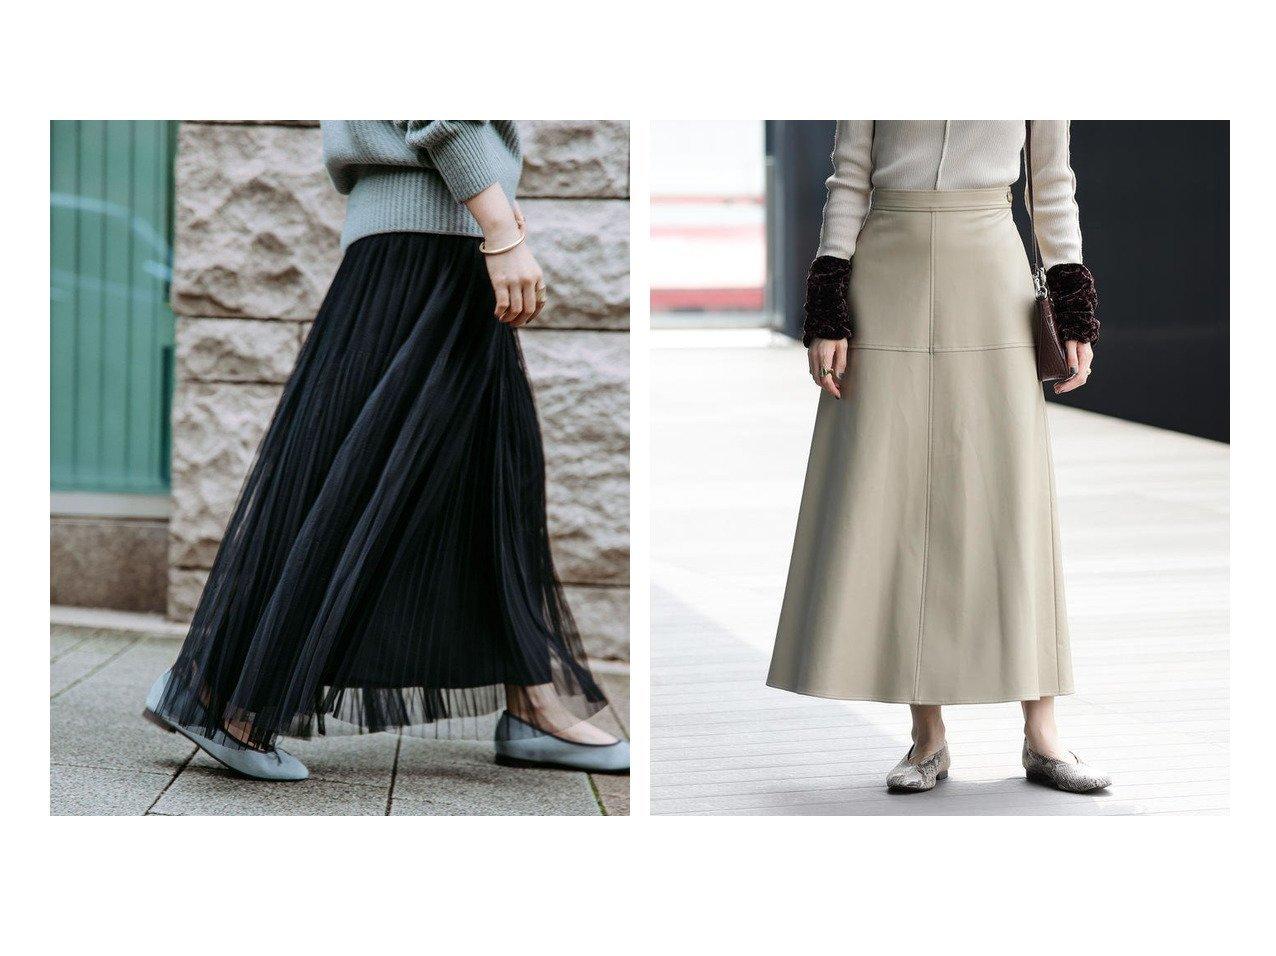 【UNITED ARROWS green label relaxing/ユナイテッドアローズ グリーンレーベル リラクシング】のCFC チュール フェード プリーツ スカート&【Ray BEAMS/レイ ビームス】のフェイク レザー Aライン ロング スカート スカートのおすすめ!人気、レディースファッションの通販 おすすめで人気のファッション通販商品 インテリア・家具・キッズファッション・メンズファッション・レディースファッション・服の通販 founy(ファニー) https://founy.com/ ファッション Fashion レディース WOMEN スカート Skirt Aライン/フレアスカート Flared A-Line Skirts プリーツスカート Pleated Skirts トレンド フェイク ロング 切替 春 秋 くるぶし シューズ チュール 定番 人気 フラット プリーツ マキシ |ID:crp329100000002191